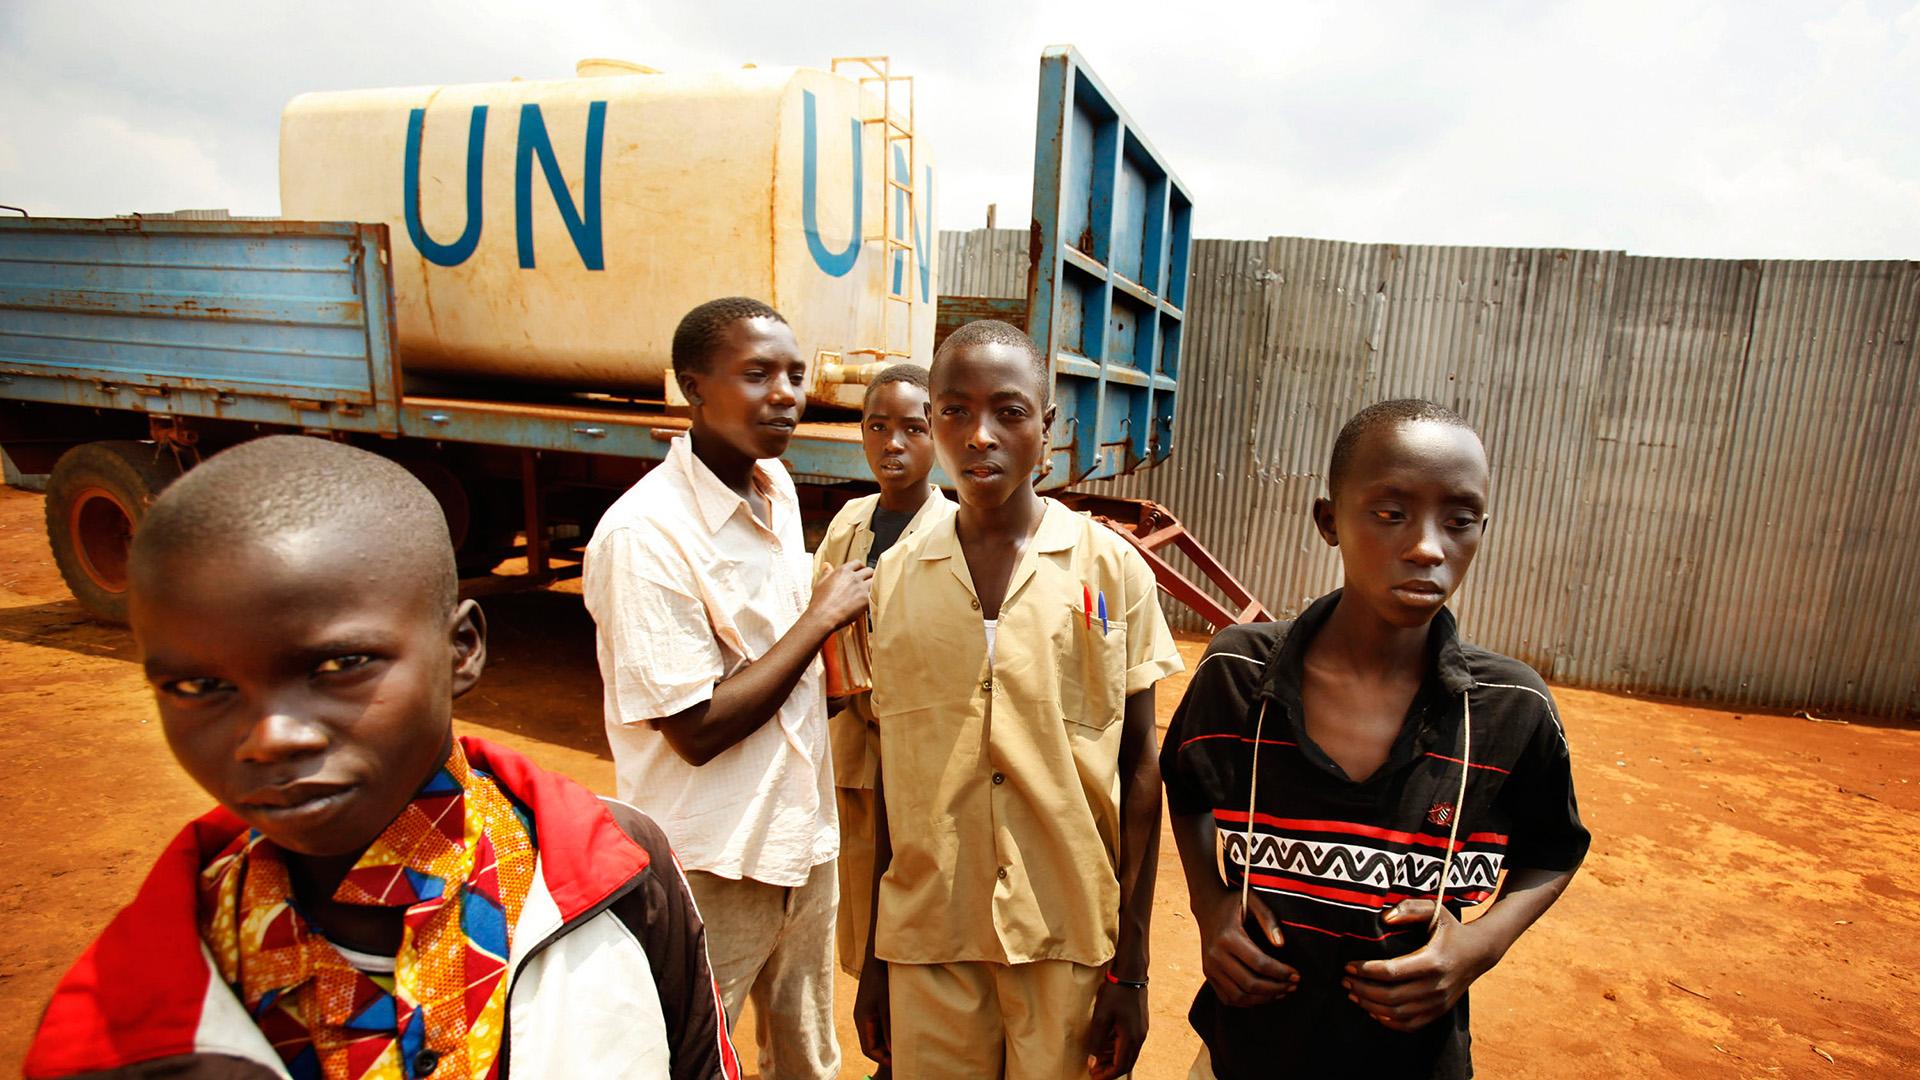 Reportage | Losan Piatti - Fotografo Toscana_Burundi feature2